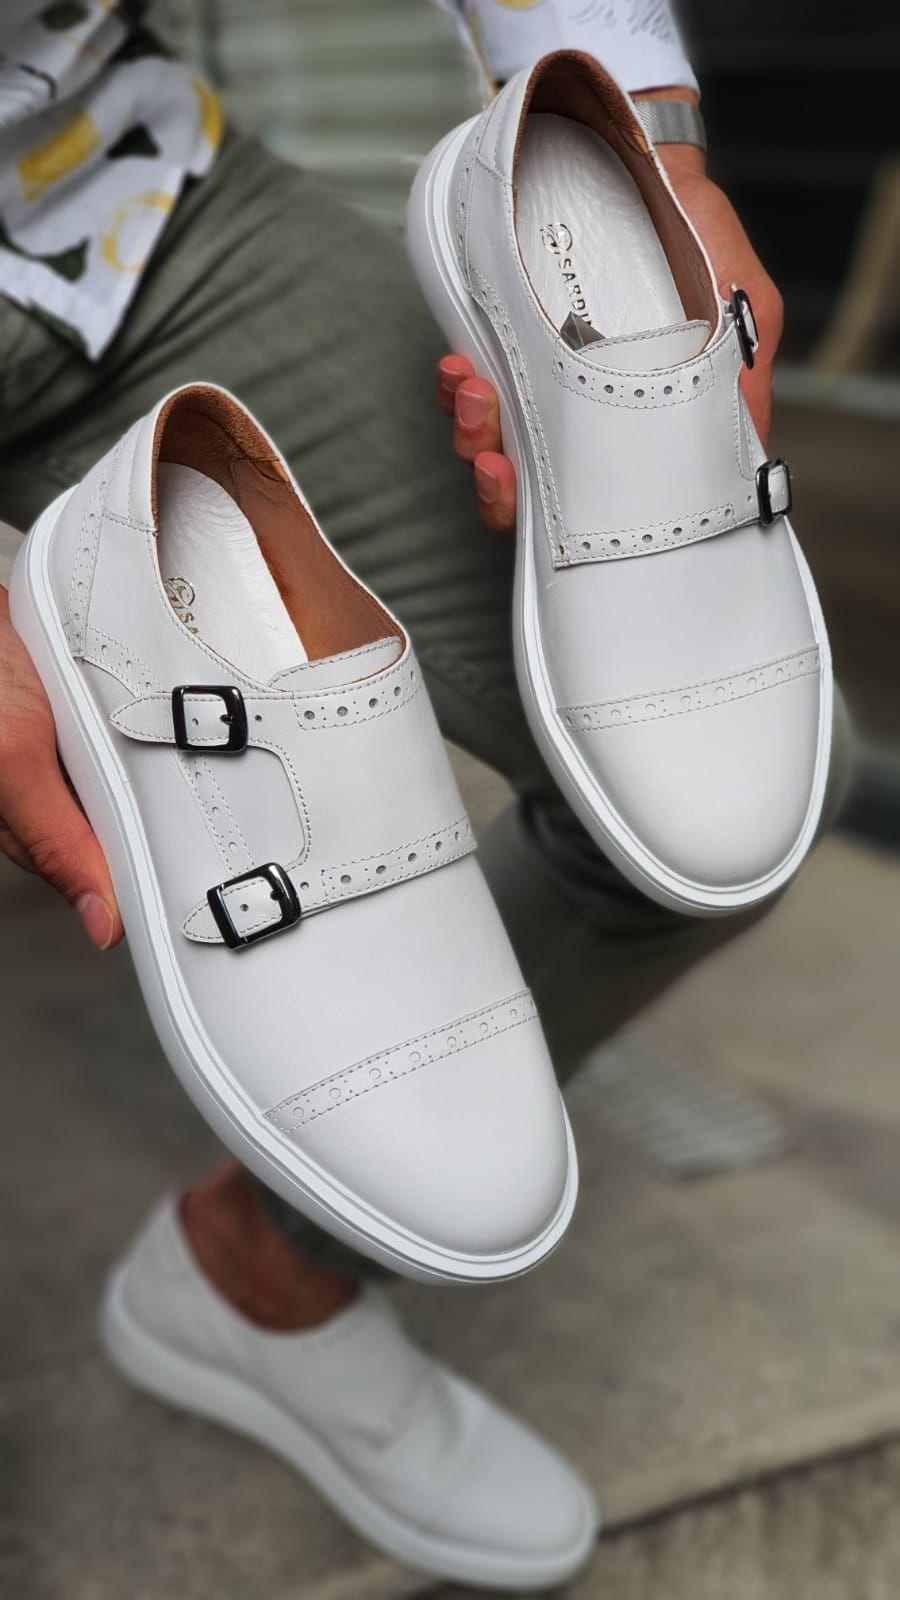 Cap toe shoes, Monk strap shoes, Dress